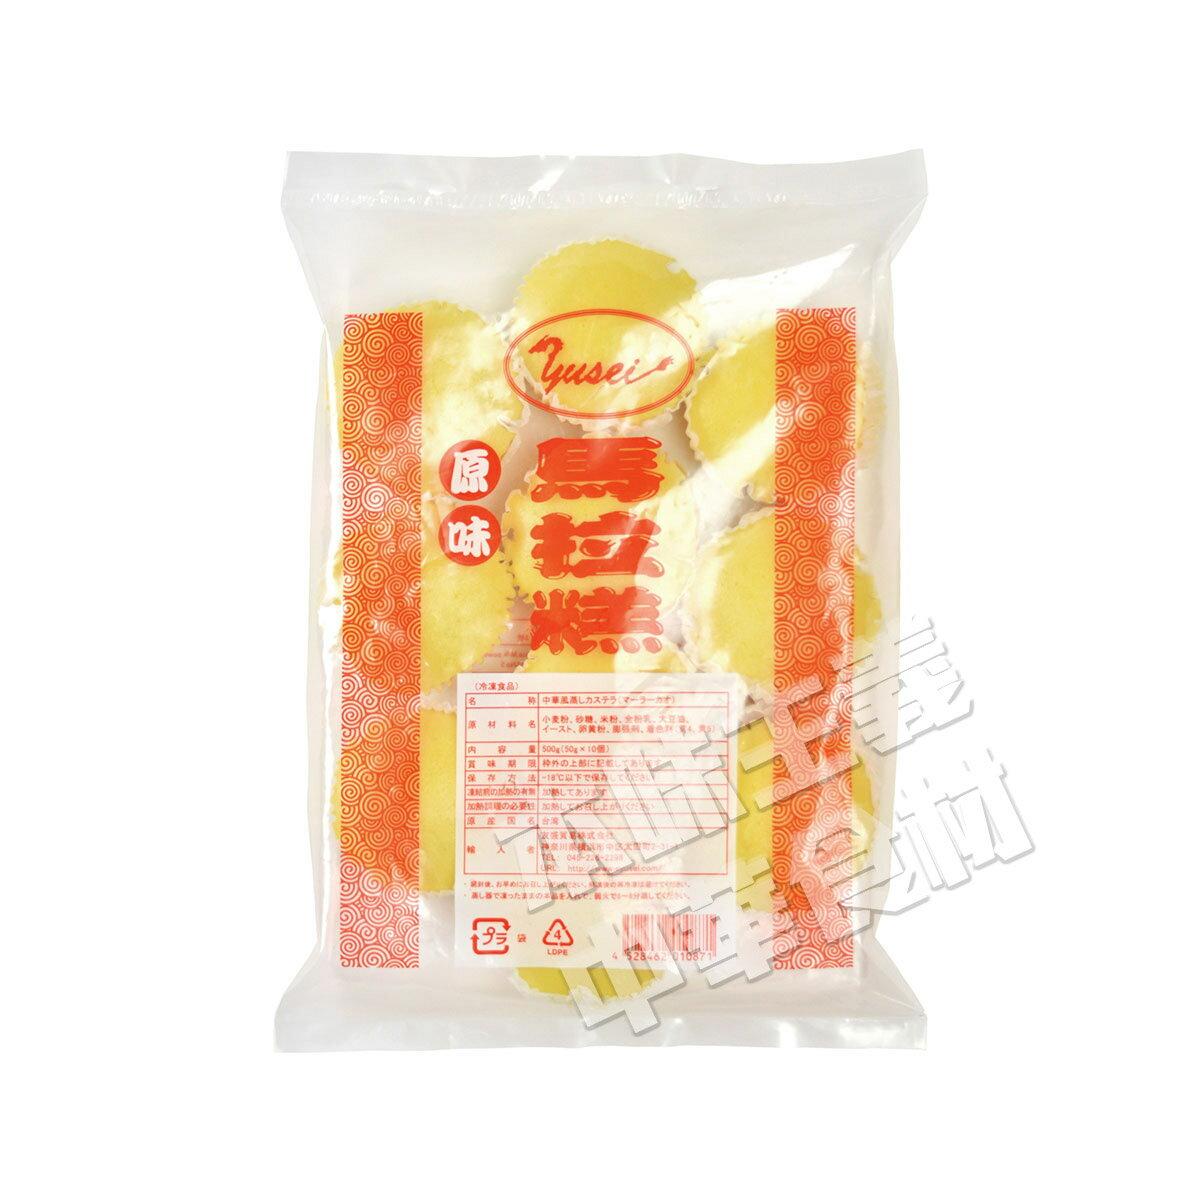 友盛特色伝統原味馬拉羔(中華風蒸しカステラ) 中華名点・台湾風味名物